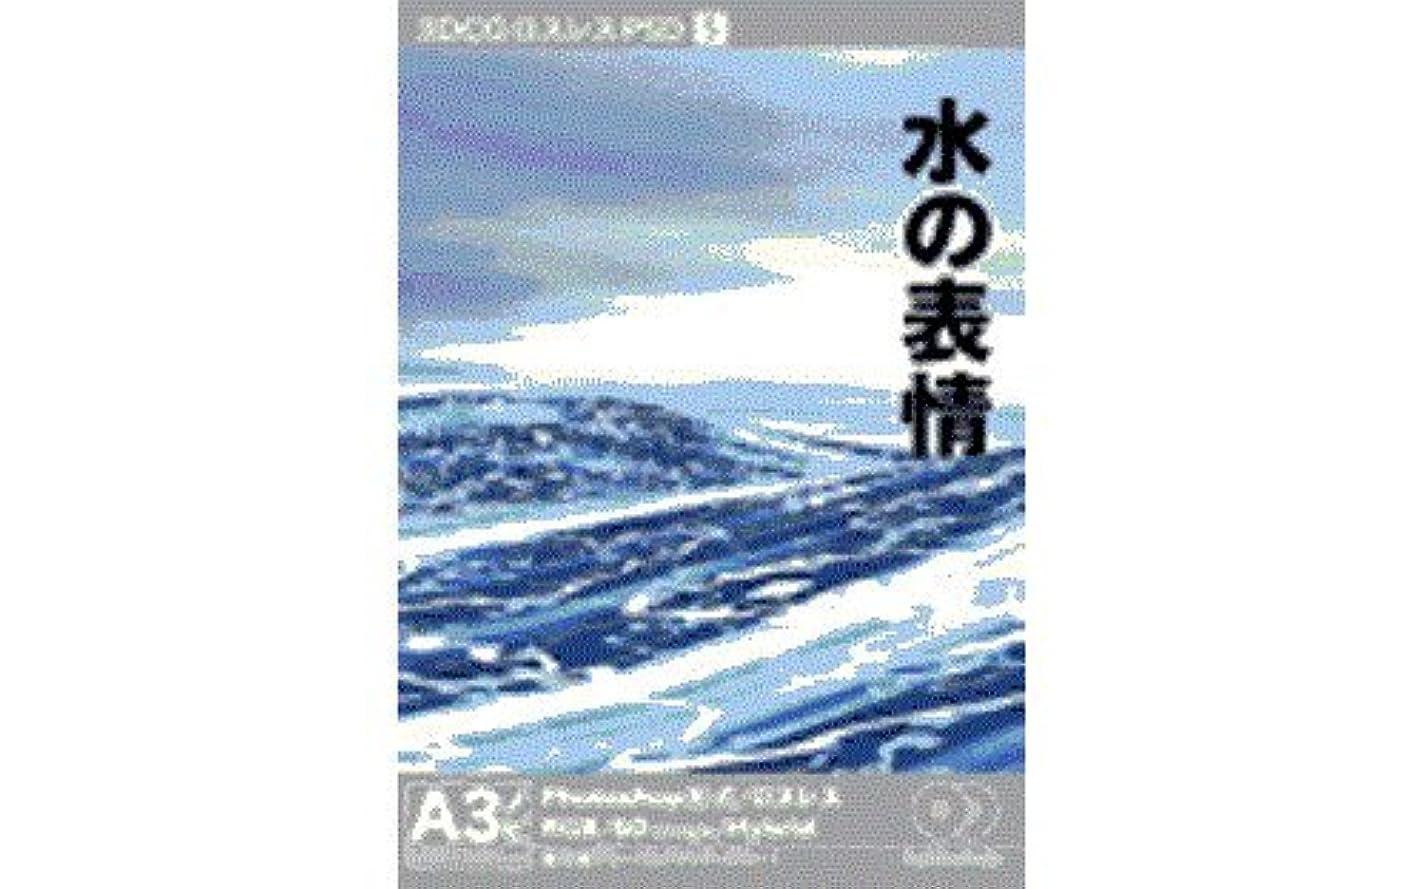 発見するテクニカル暖かく3DCGロスレスPSD 5 「水の表情」